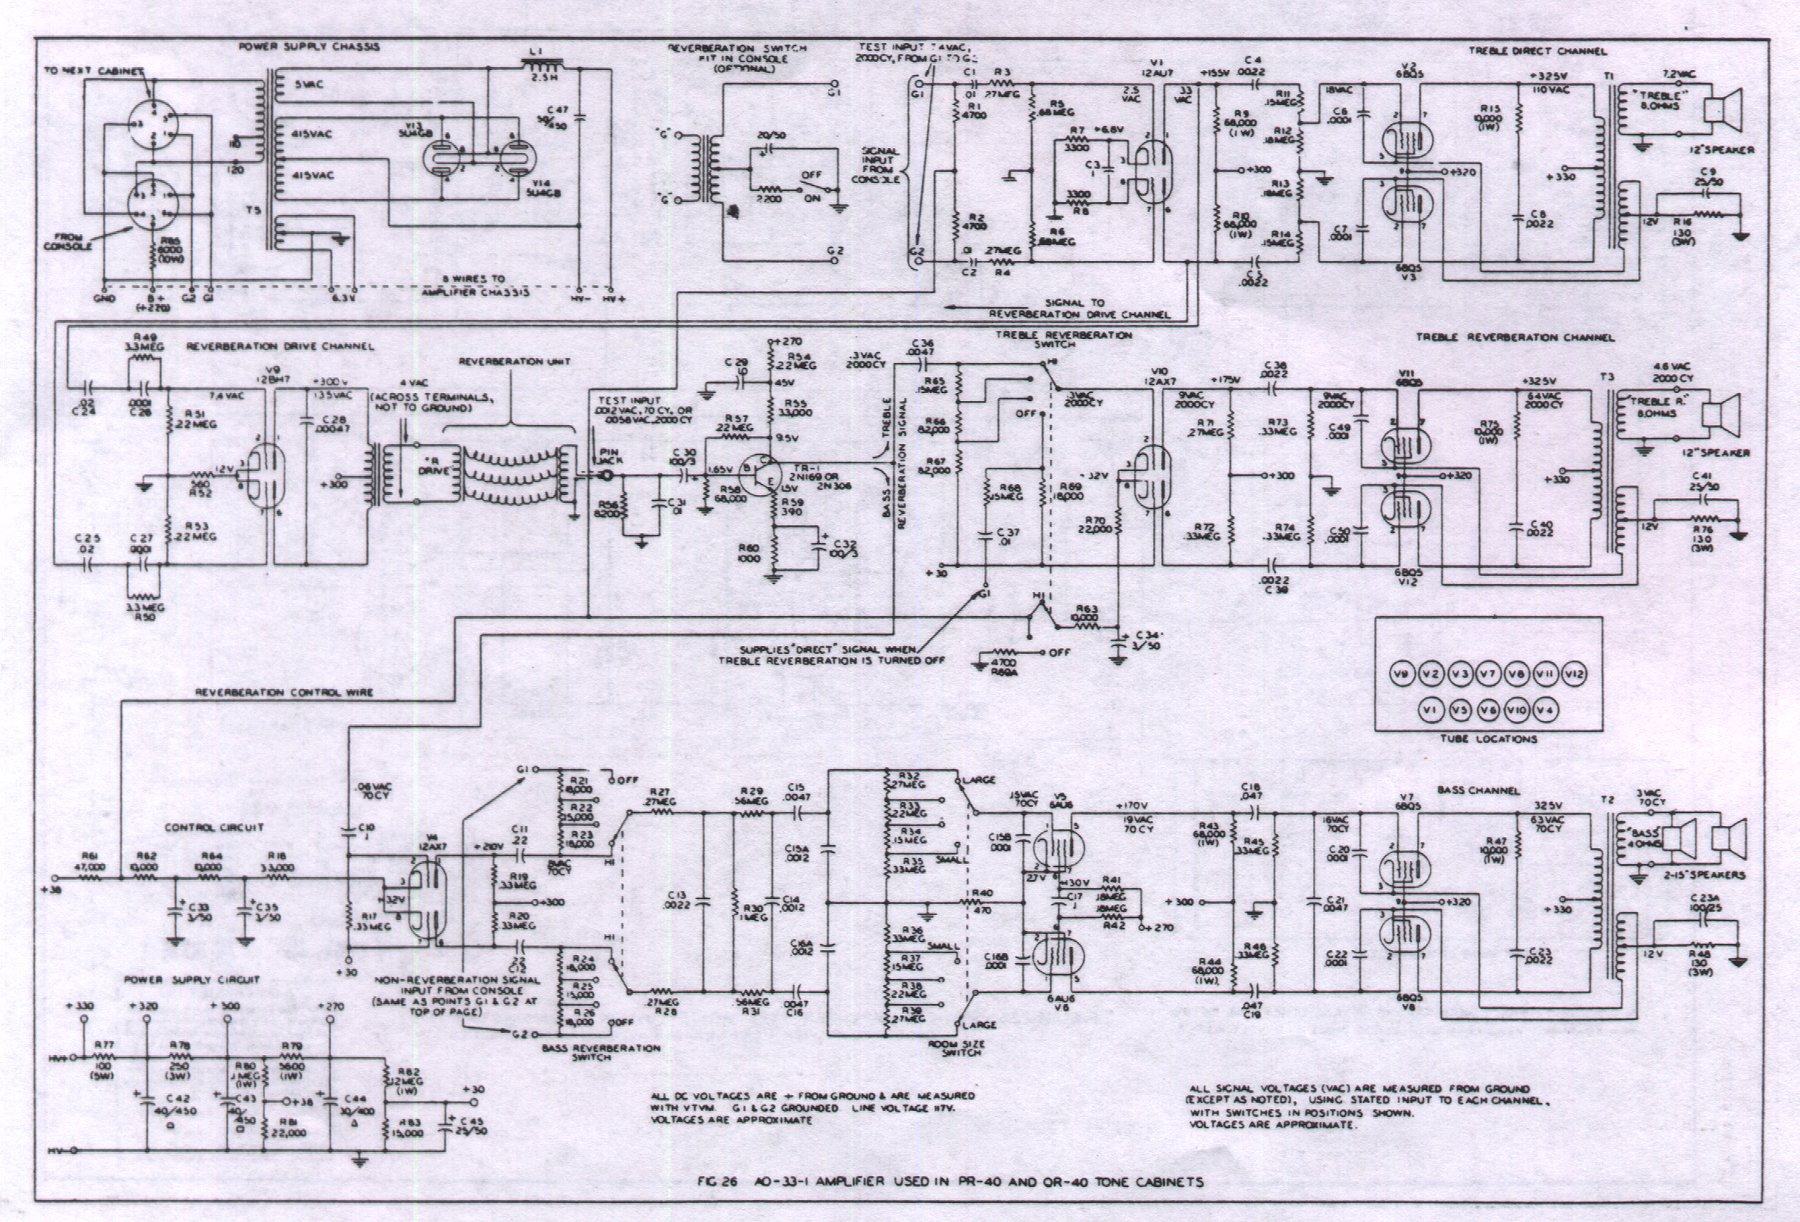 Ac Generator Wiring New Era Of Diagram Stamford Alternator Dean M U2019s Schematics Hammond Leslie Info